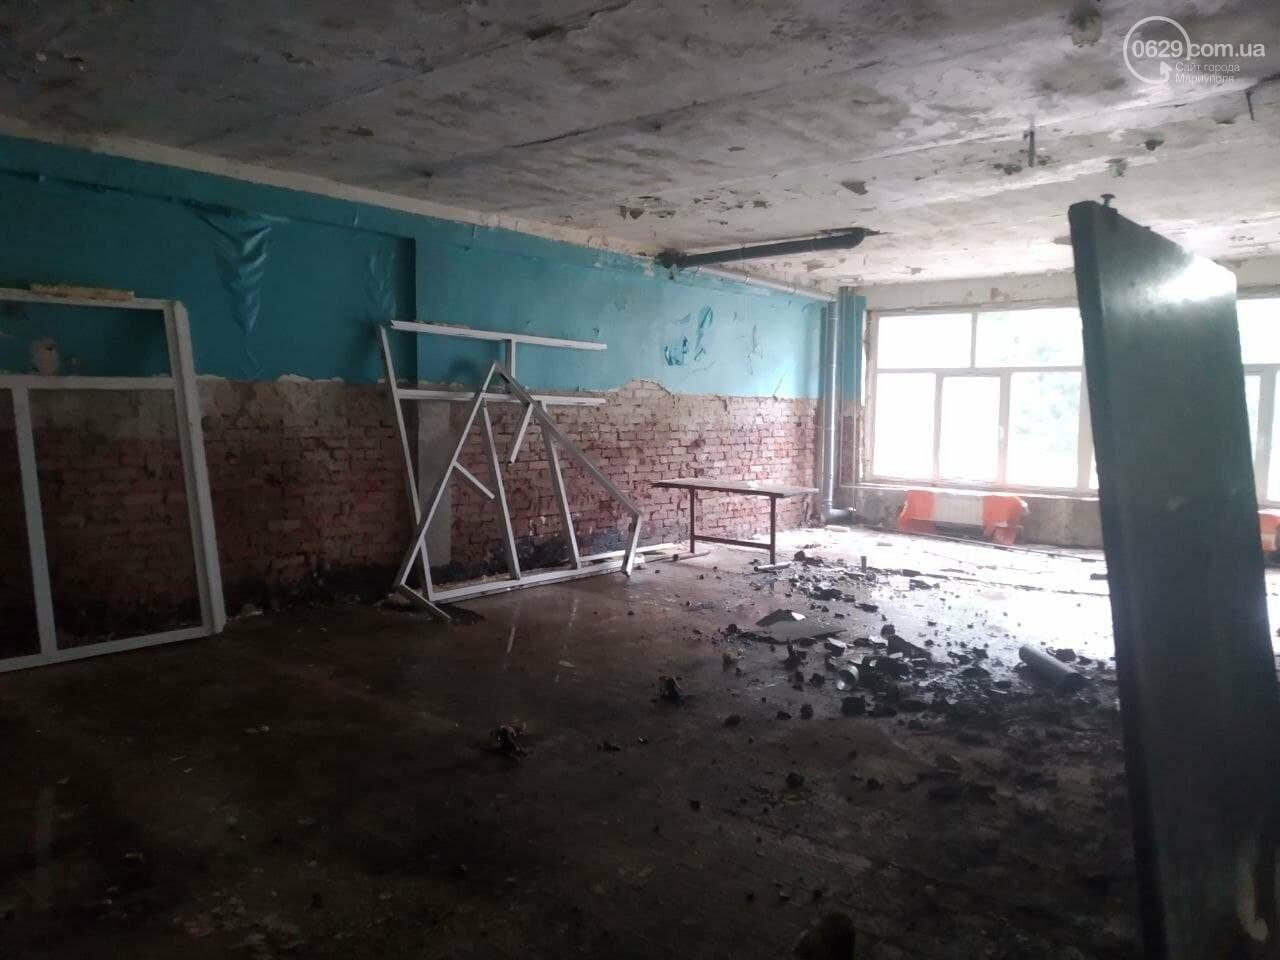 Просроченный подарок. Что случилось в 27 школе в Мариуполе, - ФОТО, ВИДЕО, фото-1